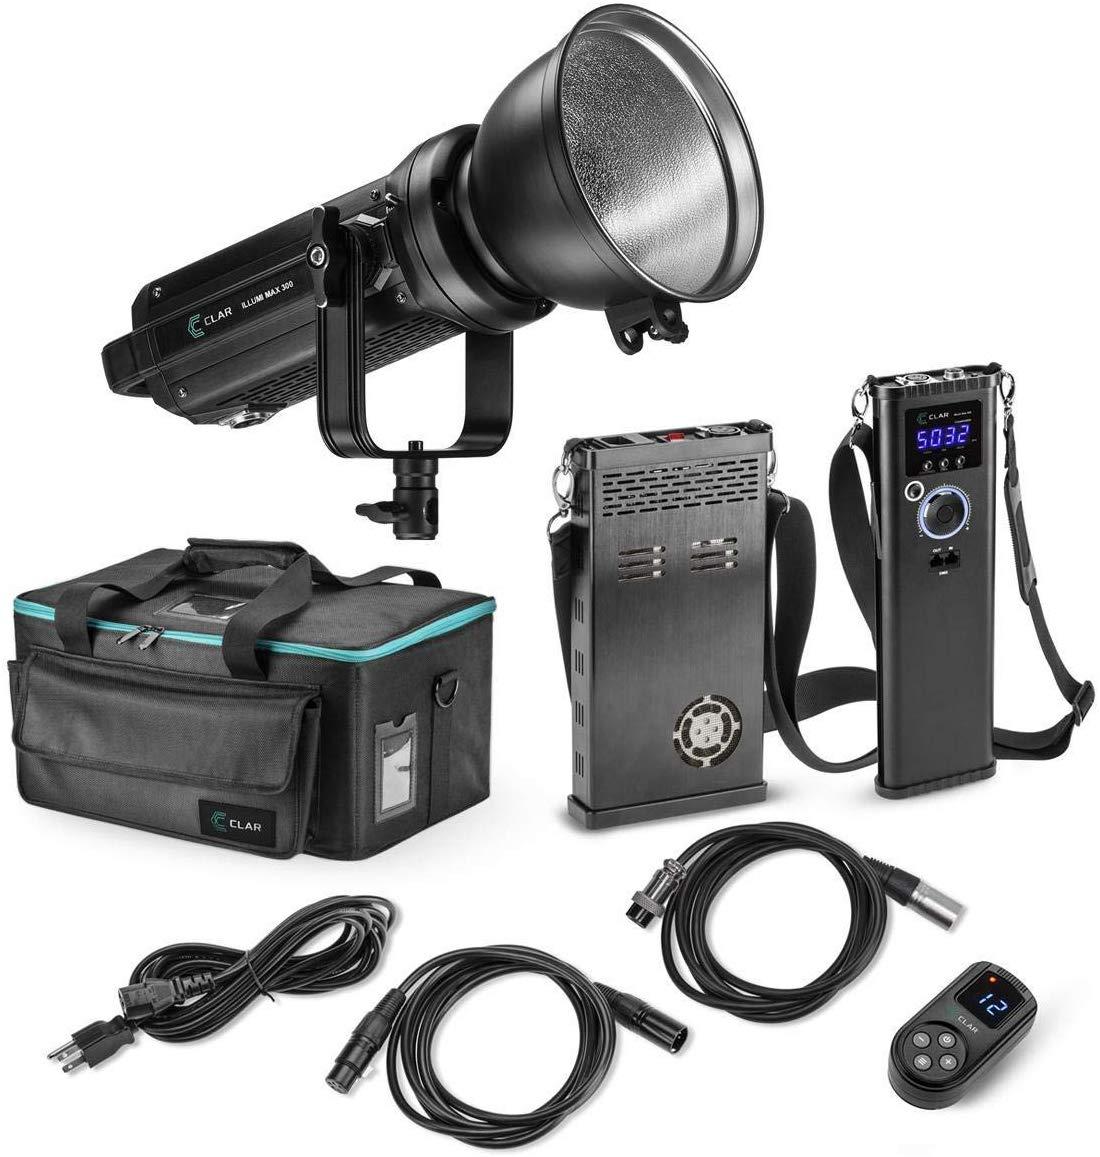 Kit de luz LED CLAR Illumi Max 300 de alta potência 5600K com duas baterias de montagem em V e estação de carregamento de posição dupla